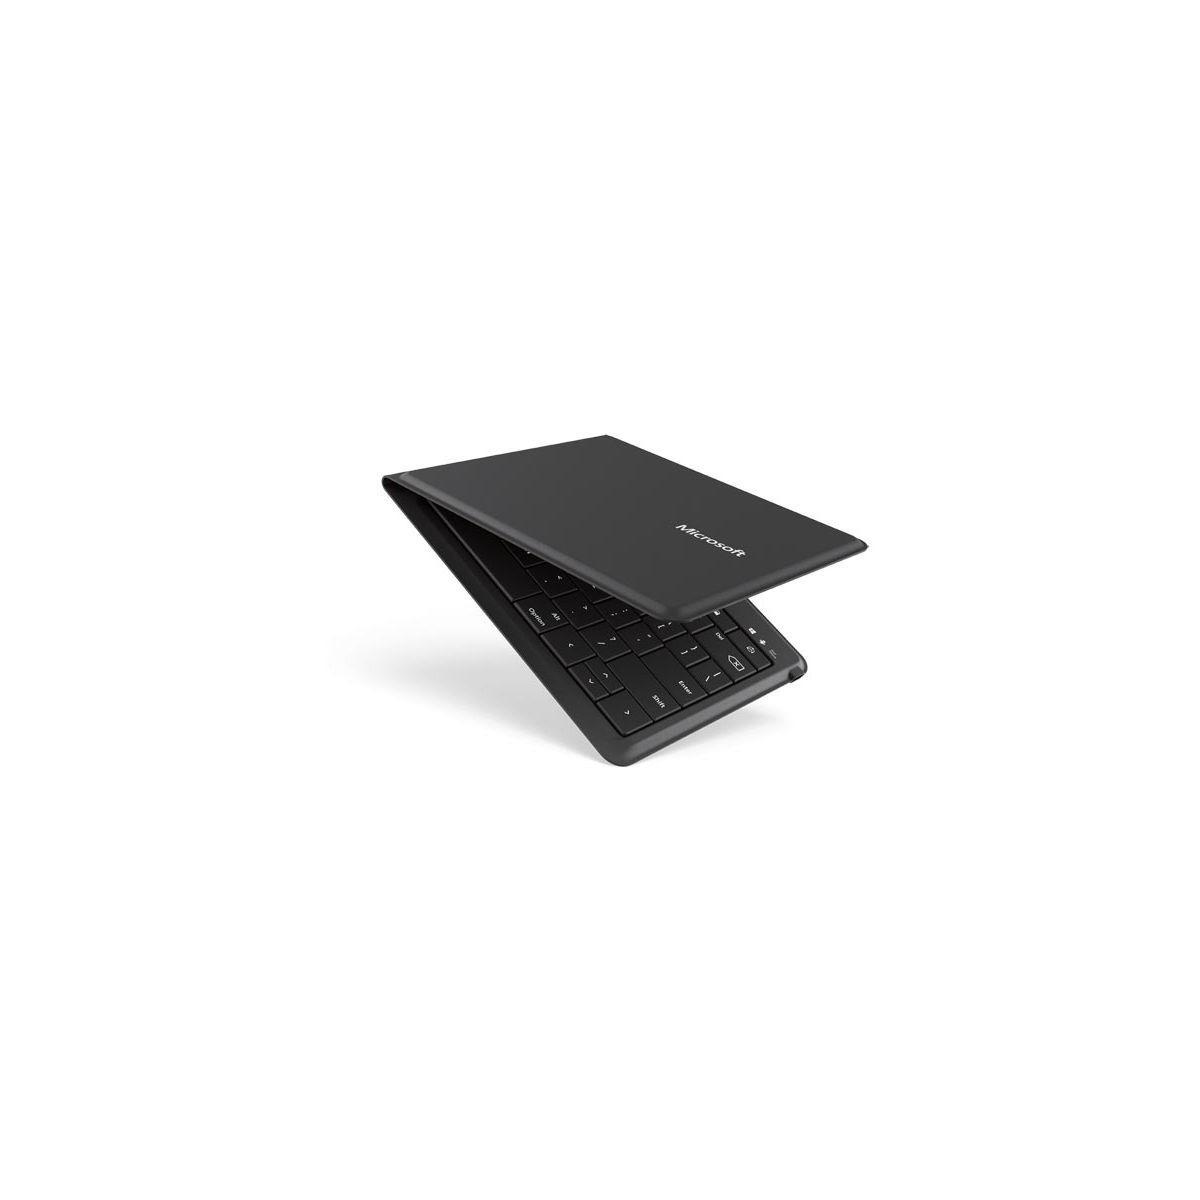 Clavier microsoft universal foldable key - 5 € de remise : code cash5